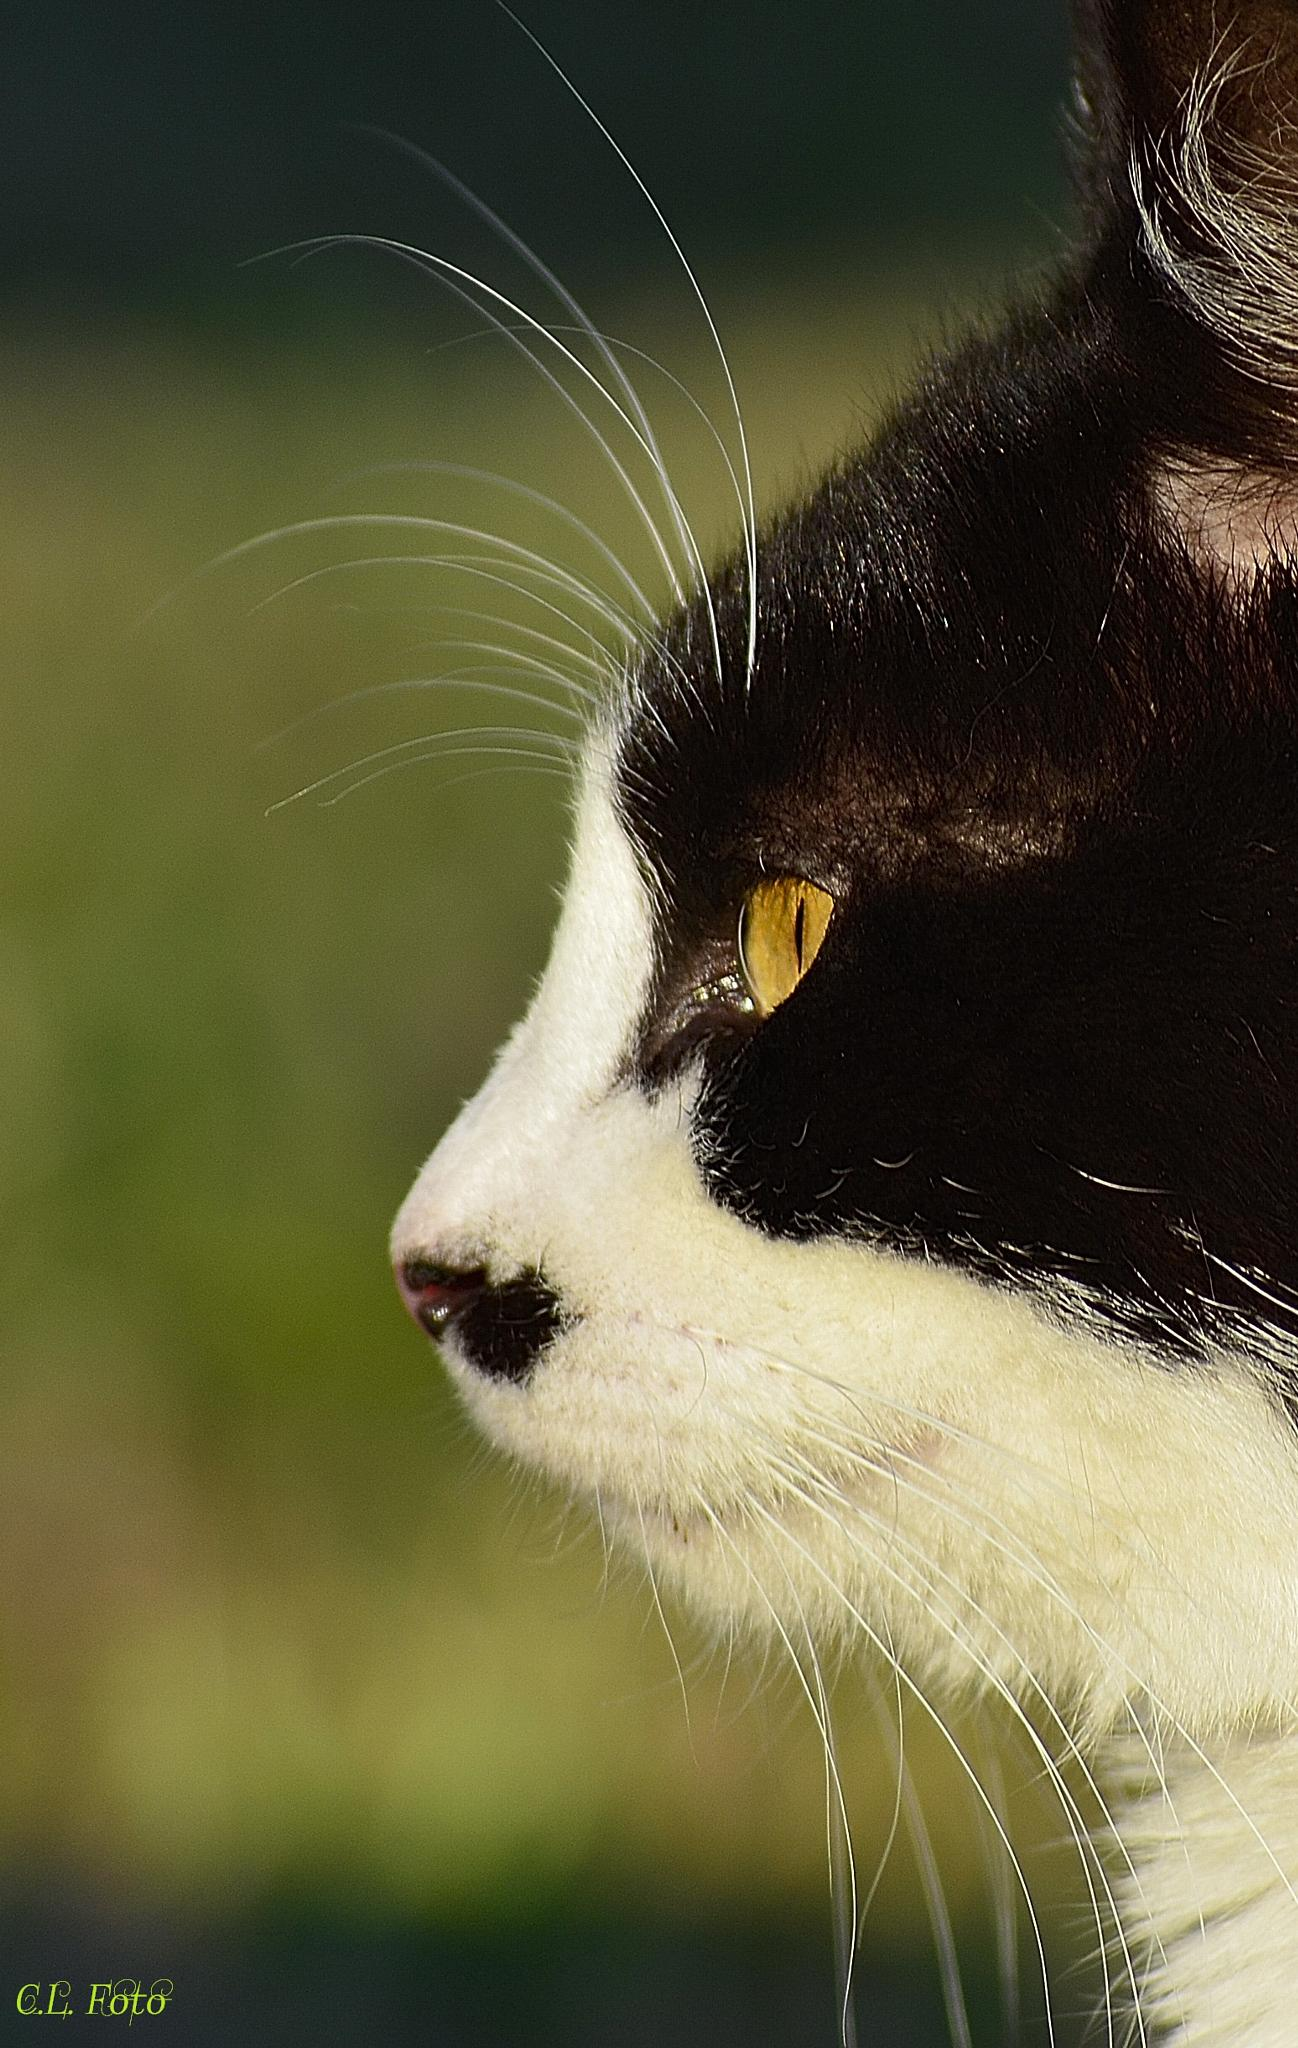 Cat 2 by Lorenza Costa